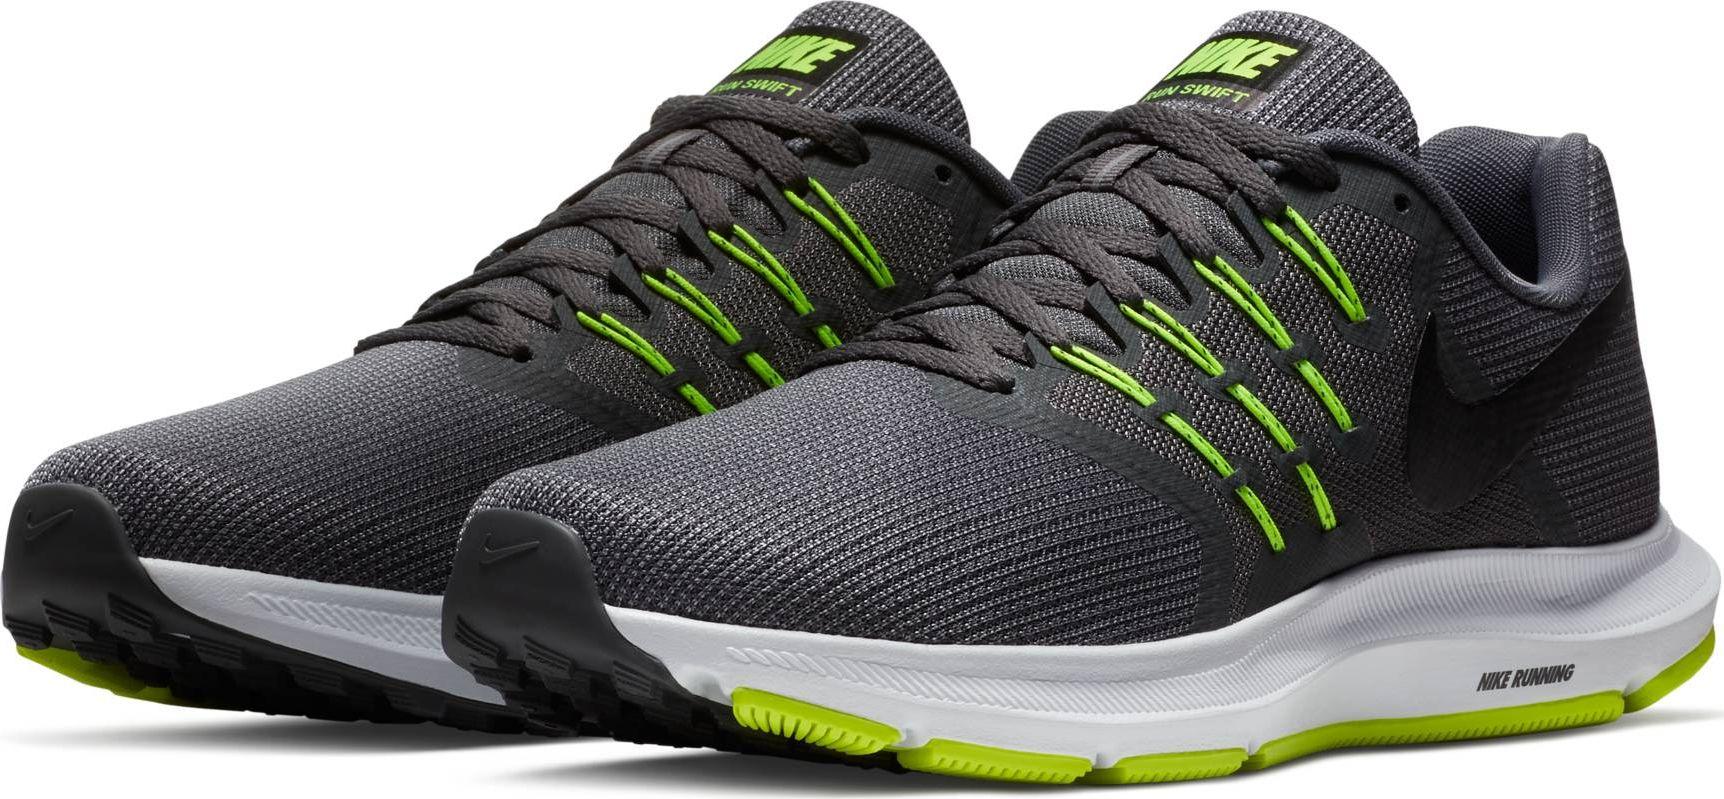 Кроссовки для бега мужские Nike Run Swift Running Shoe, цвет: серый. 908989-007. Размер 9 (41,5)908989-007Мужские беговые кроссовки Nike Run Swift идеально сидят на ноге благодаря дышащей сетке в передней части стопы и на пятке и сетке с плотным переплетением в средней части стопы для поддержки. Интегрированные нити Flywire надежно фиксируют среднюю часть стопы, а пеноматериал Cushlon создает амортизацию. Конструкция из сетки обеспечивает зональную вентиляцию и поддержку. Шнурки с интегрированными нитями Flywire для регулируемой поддержки. Подошва с вафельным рисунком повышает амортизацию и упругость. Сетка с плотным плетением на боковой части создает надежную поддержку, не жертвуя воздухопроницаемостью. Пеноматериал Cushlon обеспечивает мягкую, но упругую амортизацию и поддержку.